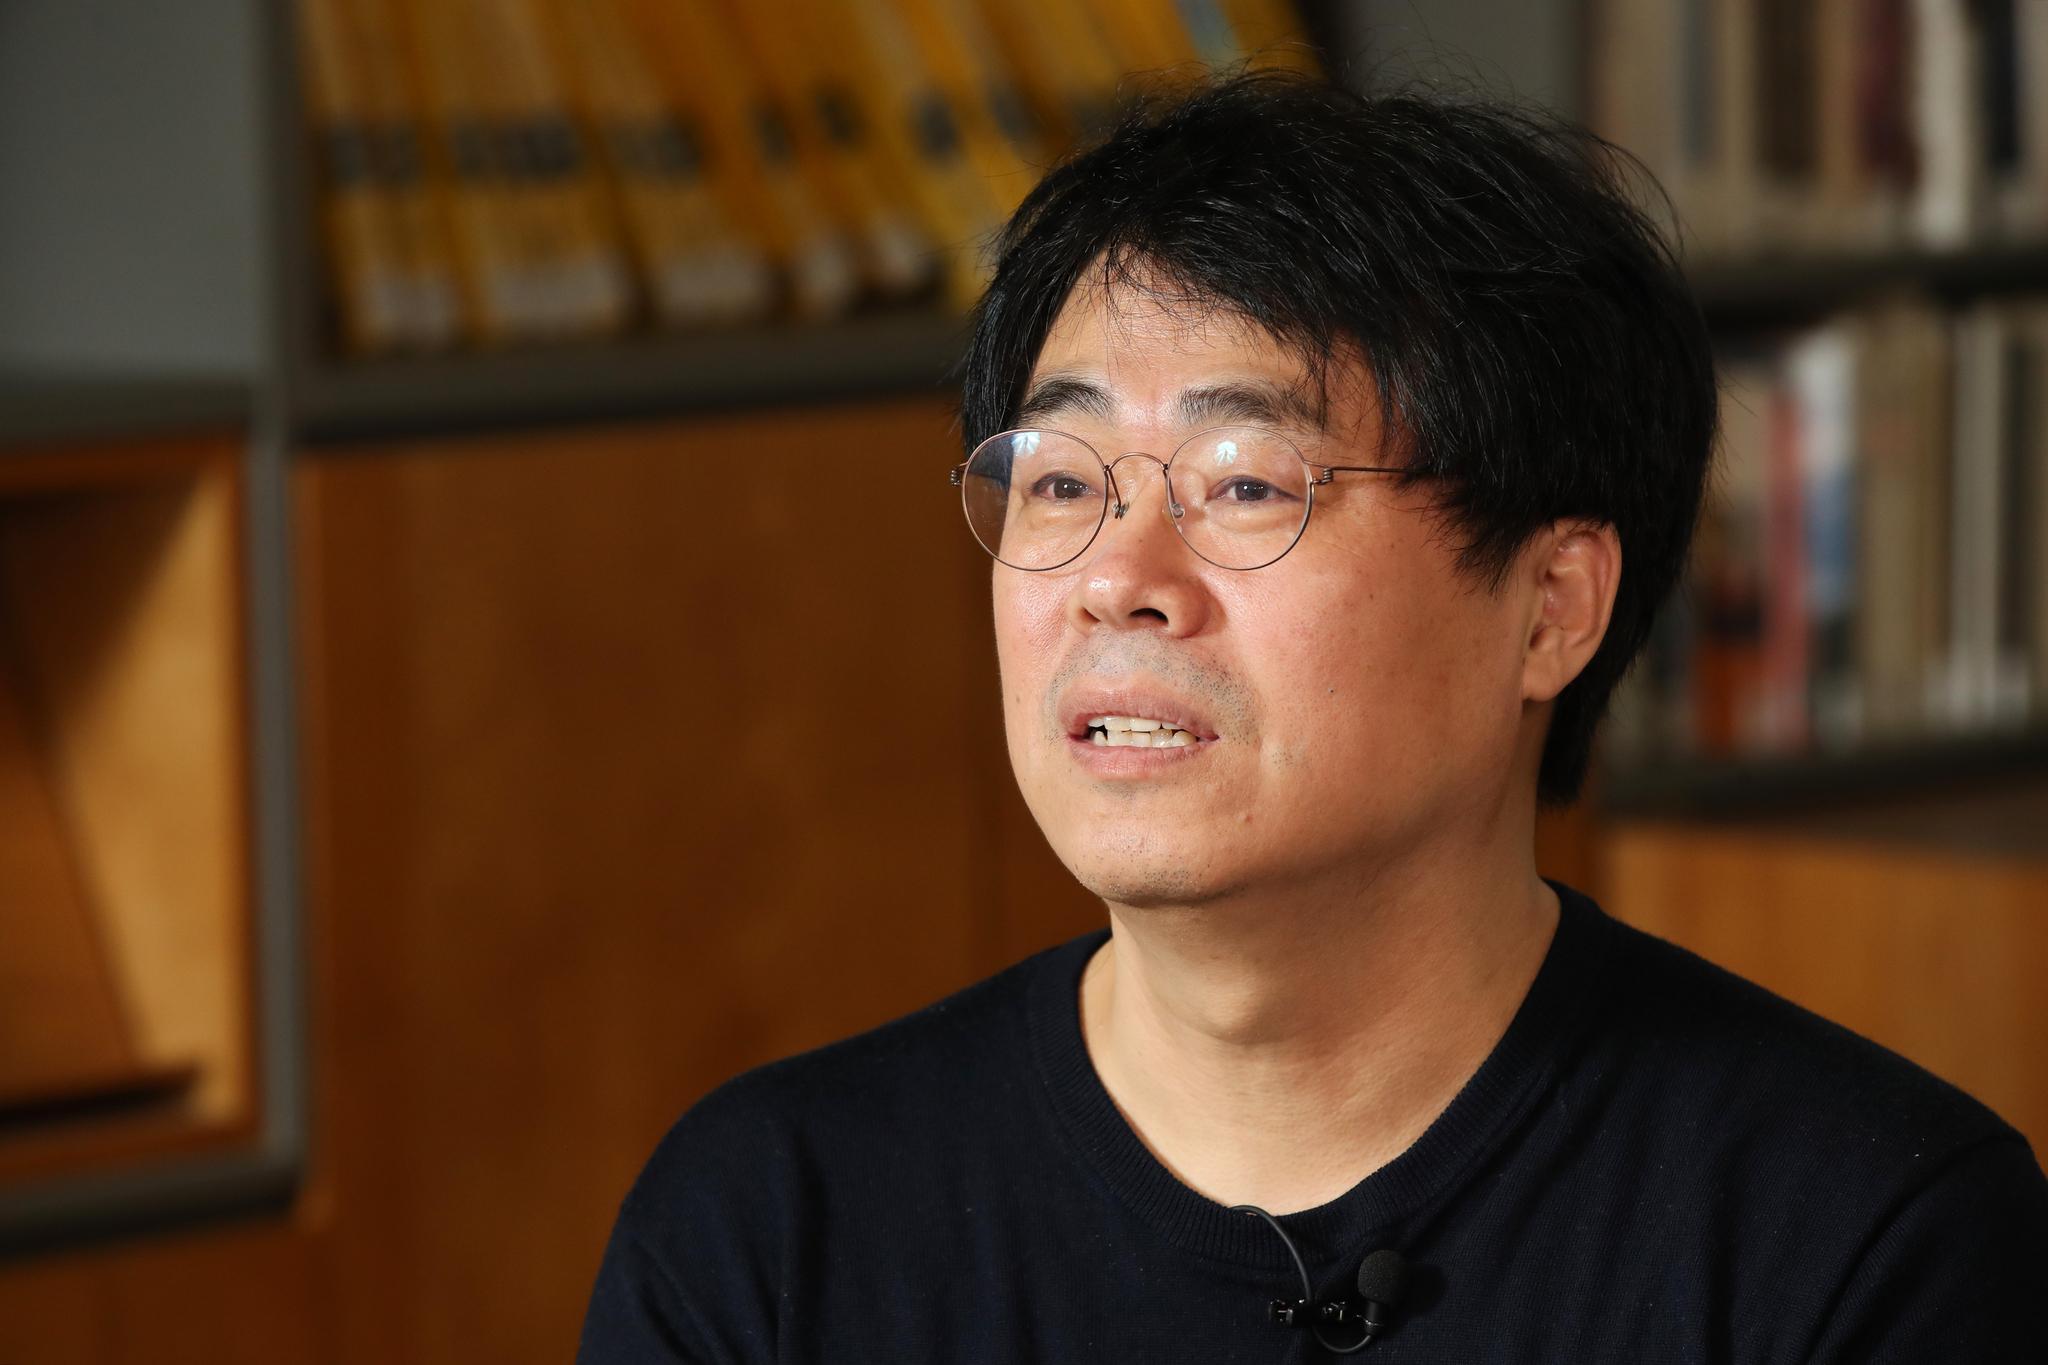 김경률 전 참여연대 공동집행위원장. 우상조 기자